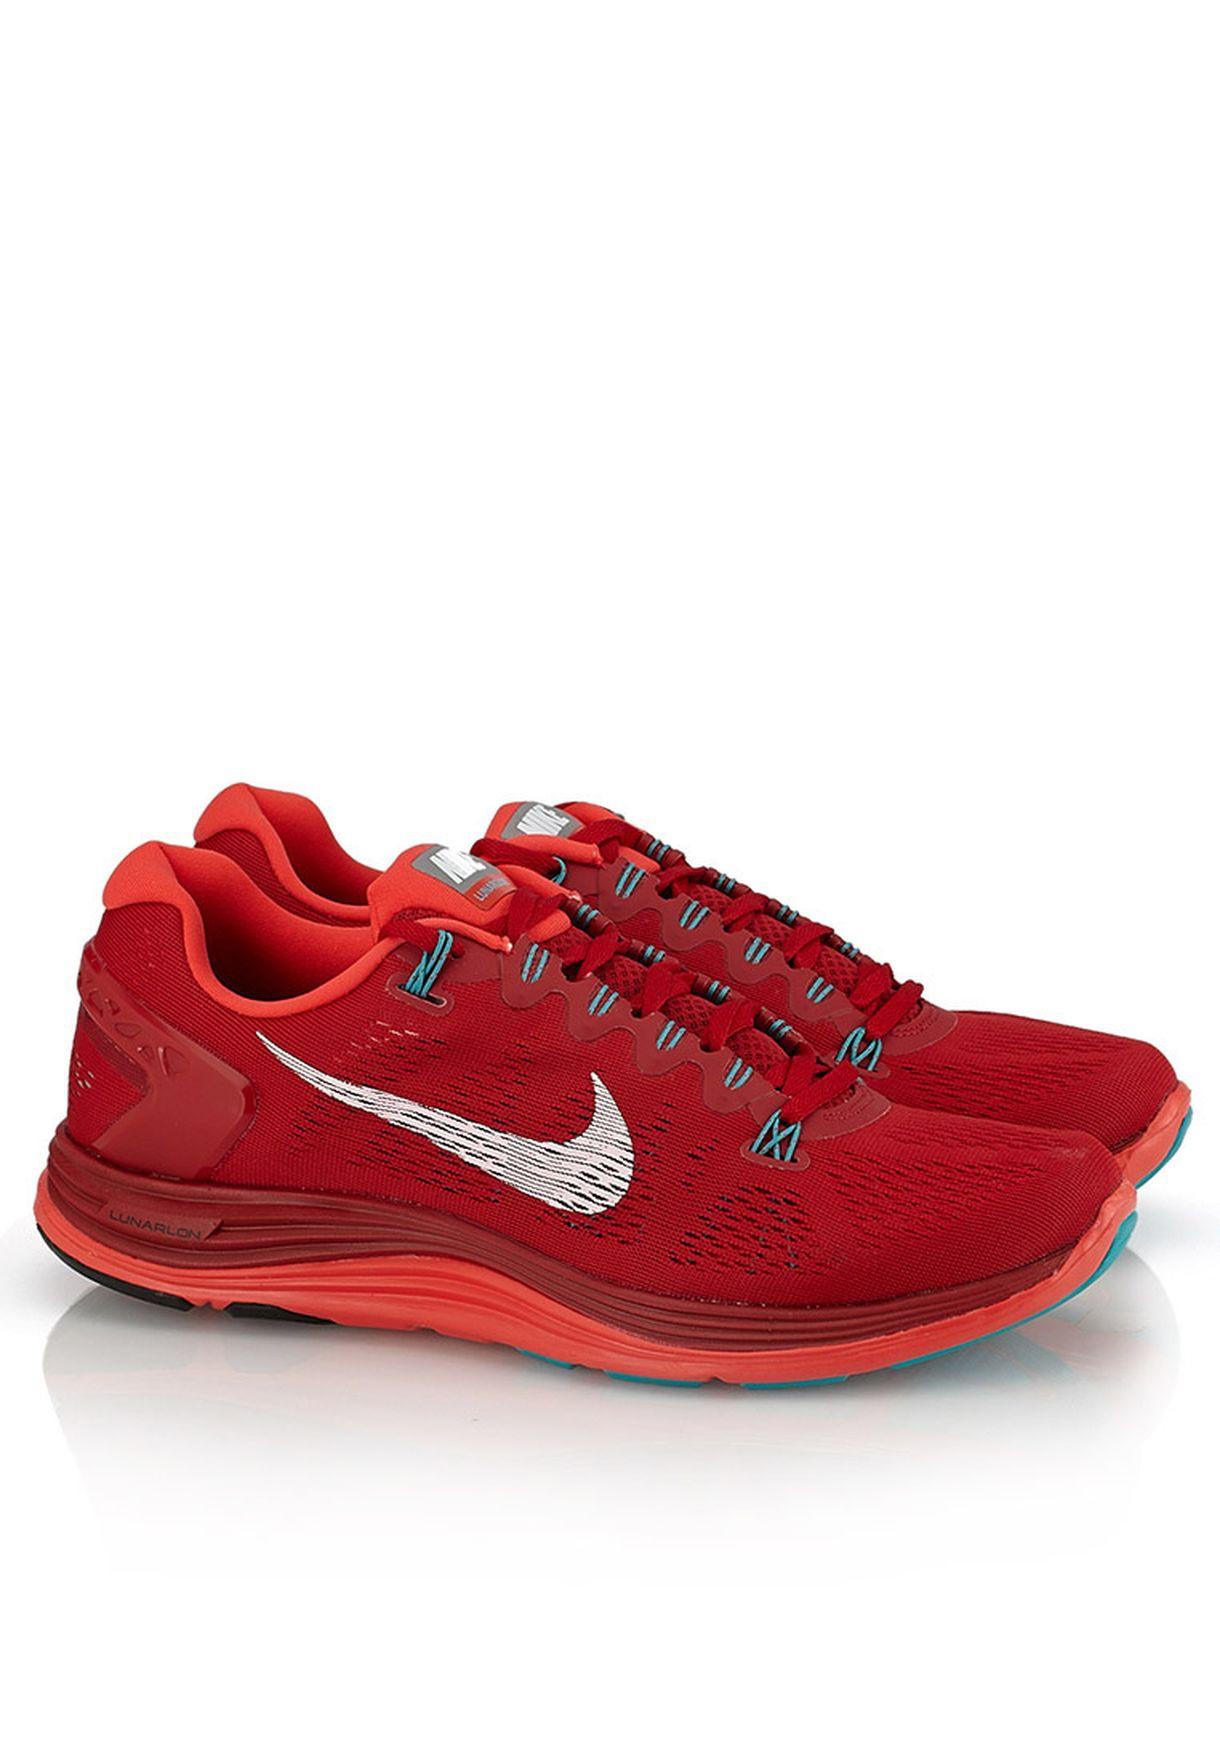 pas mal 28a5e 6a1a7 Nike Lunarglide 5